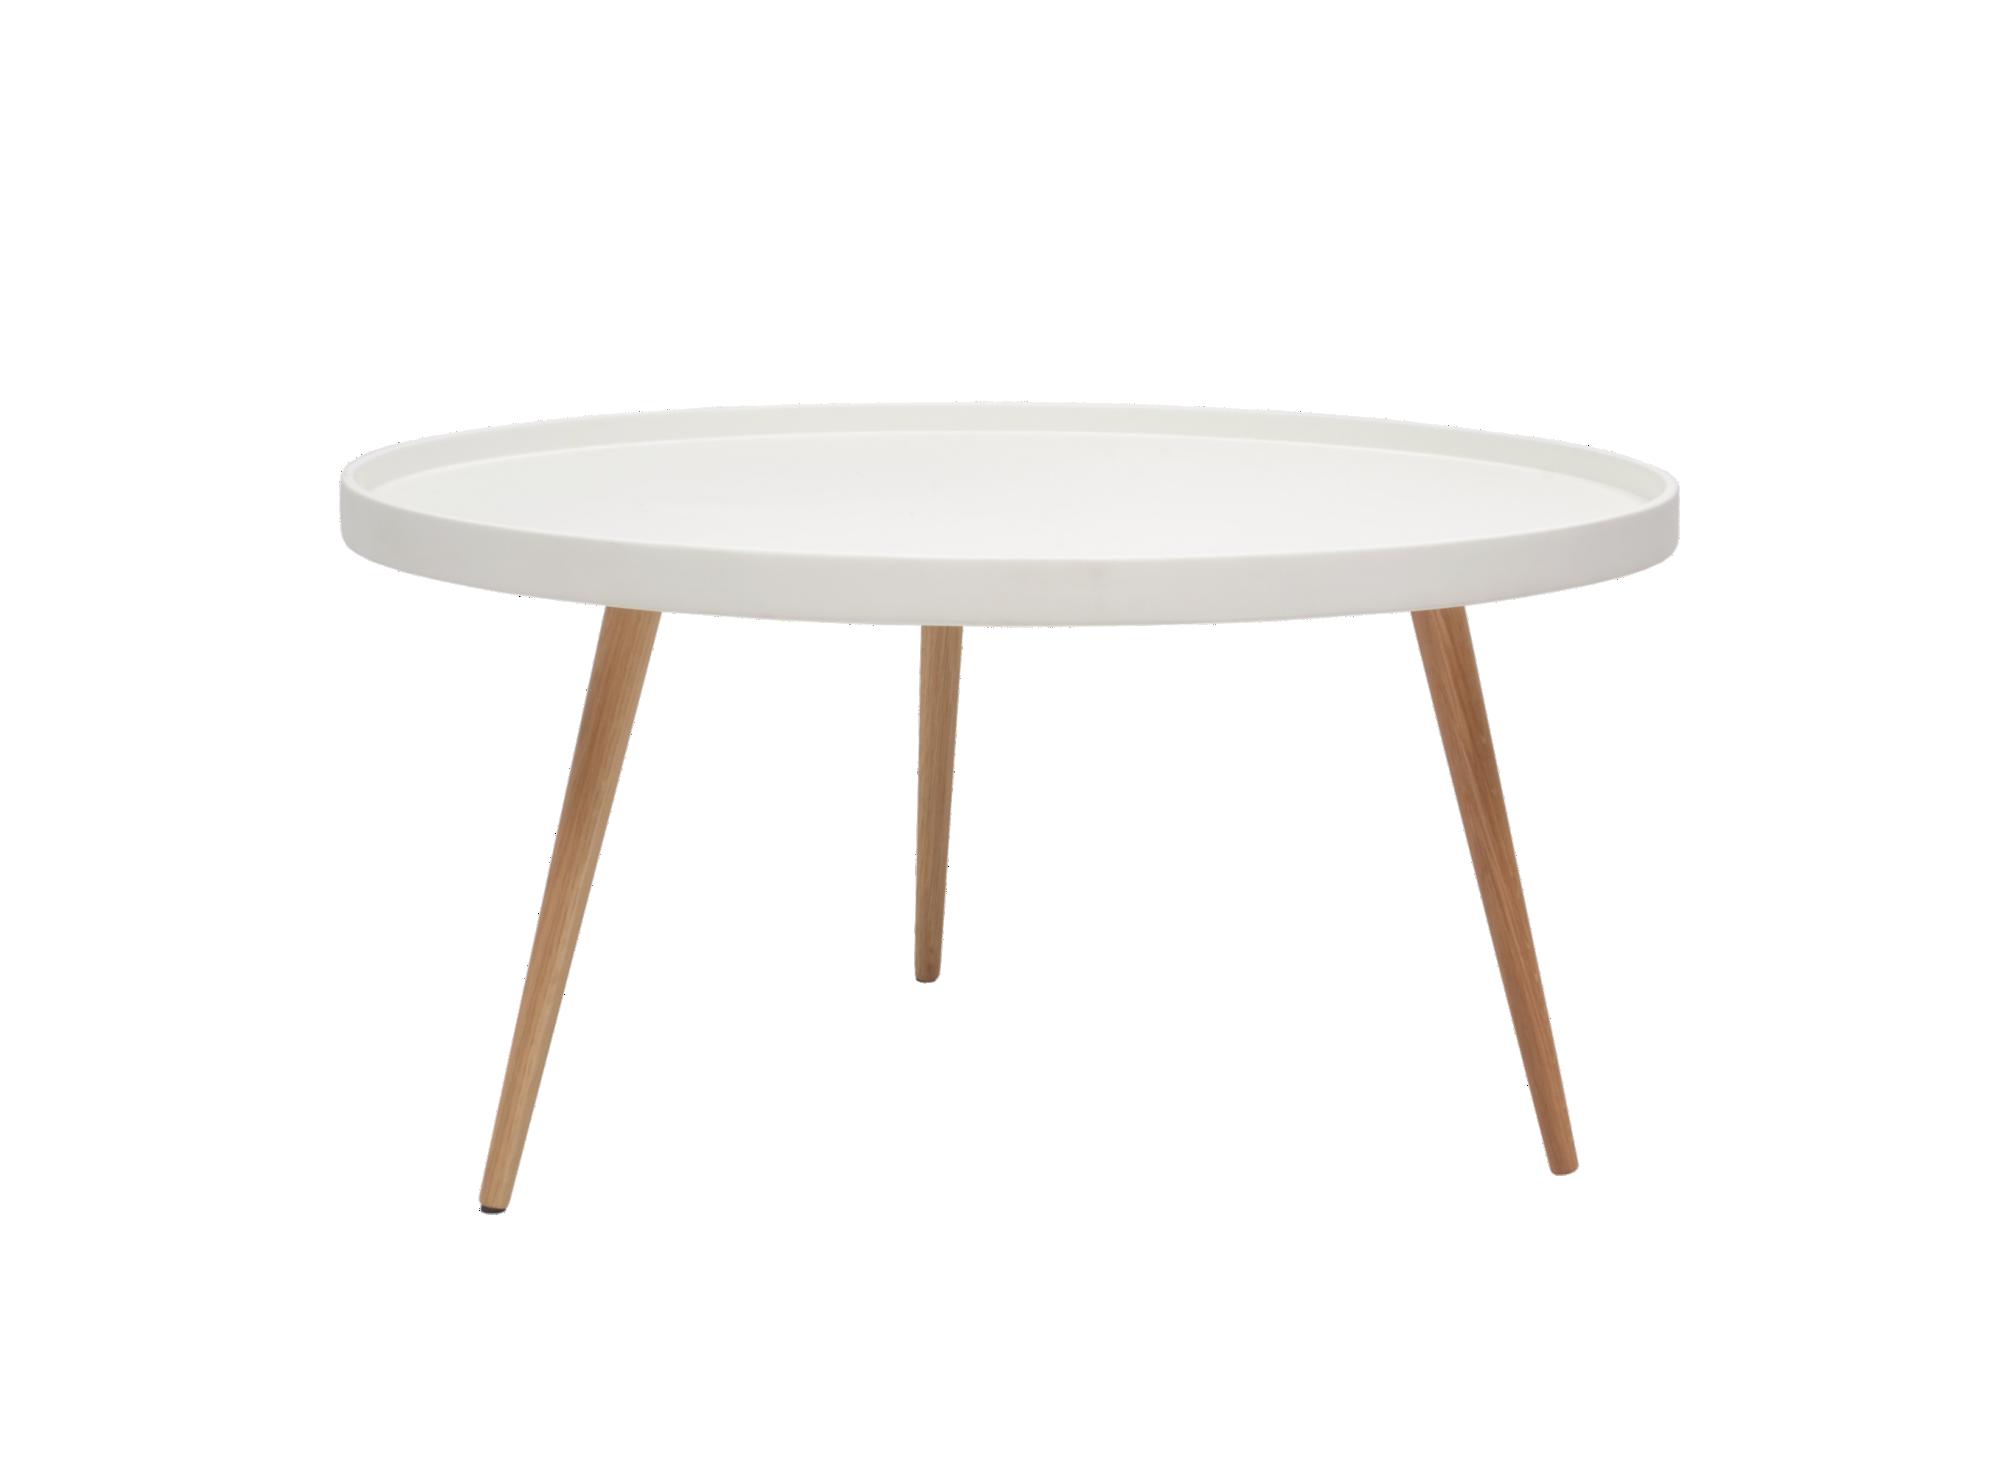 Table basse en panneau de fibre de bois de moyenne densite finition l ...